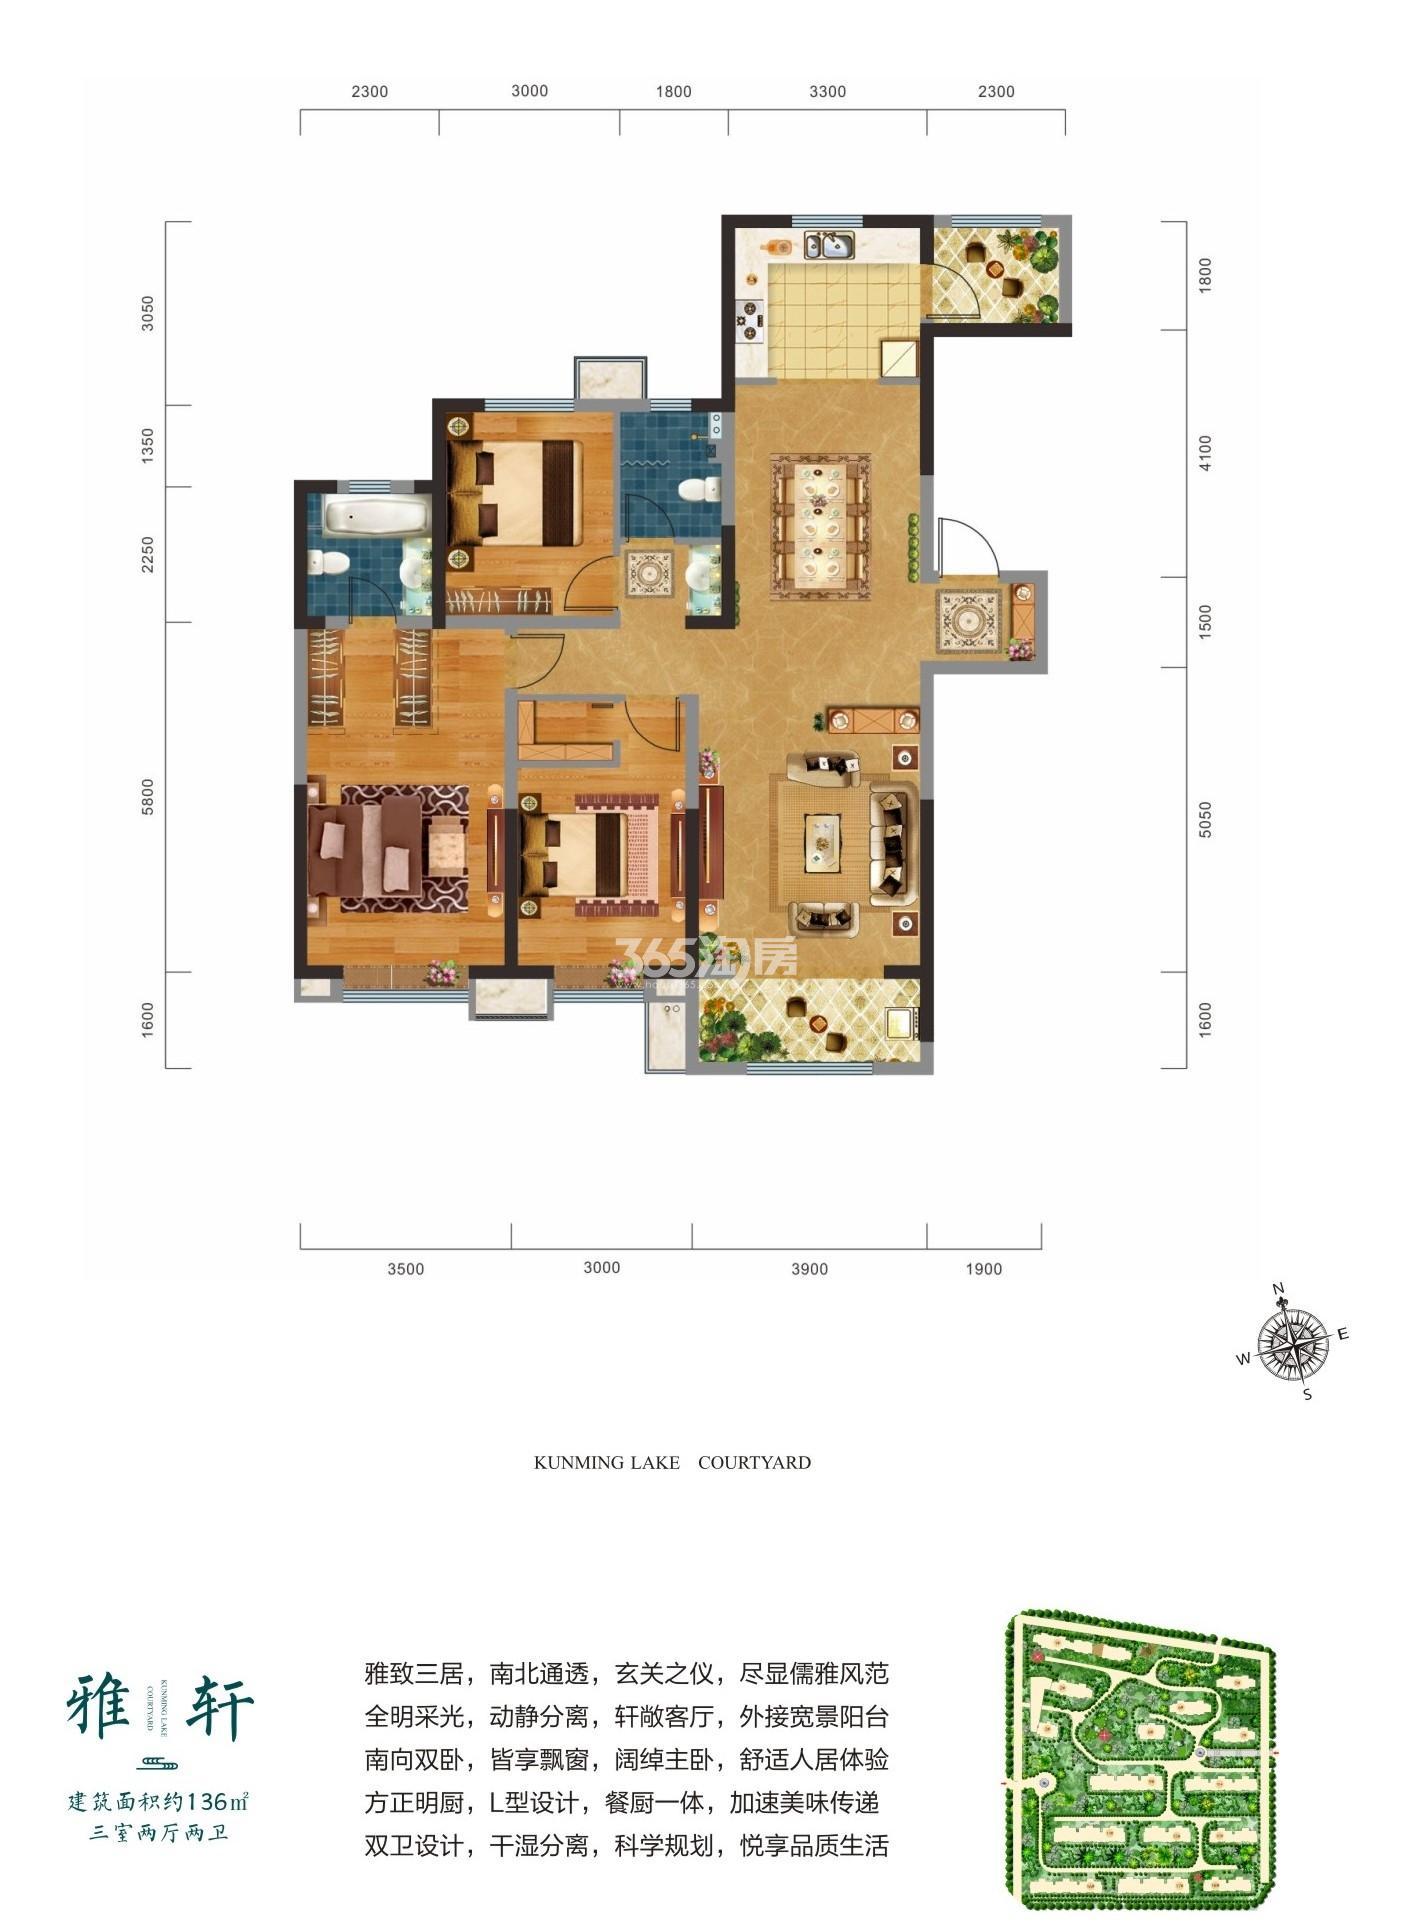 中建昆明澜庭三室两厅136㎡户型图